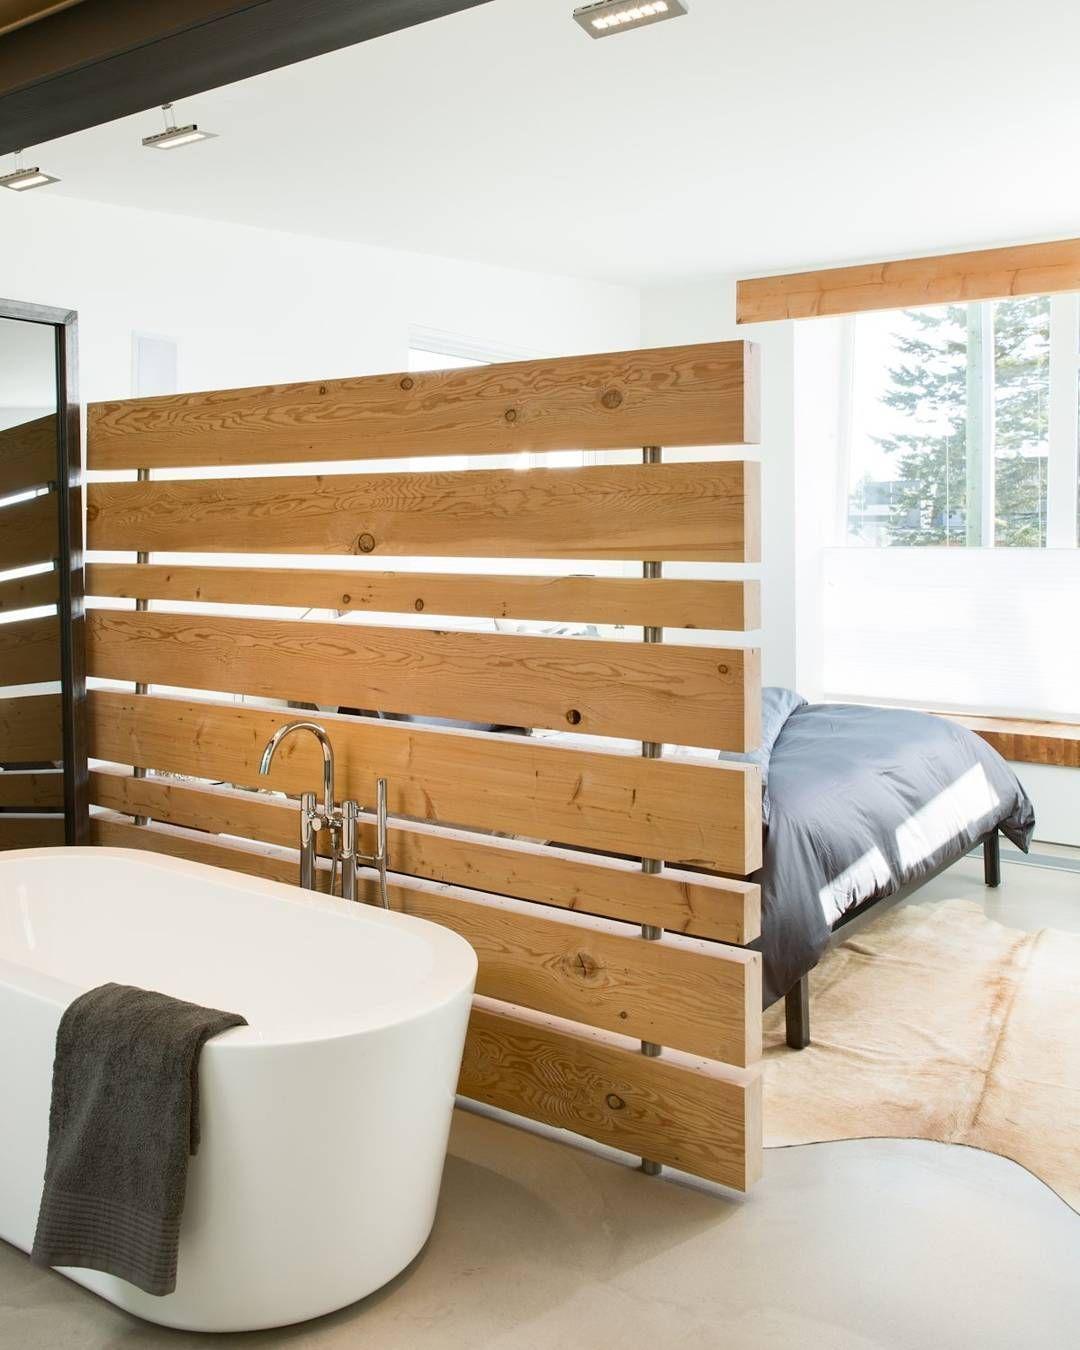 Paravent Interieur Inspiration Chambre Salle De Bain Cloison Et Chambre A Coucher Originale